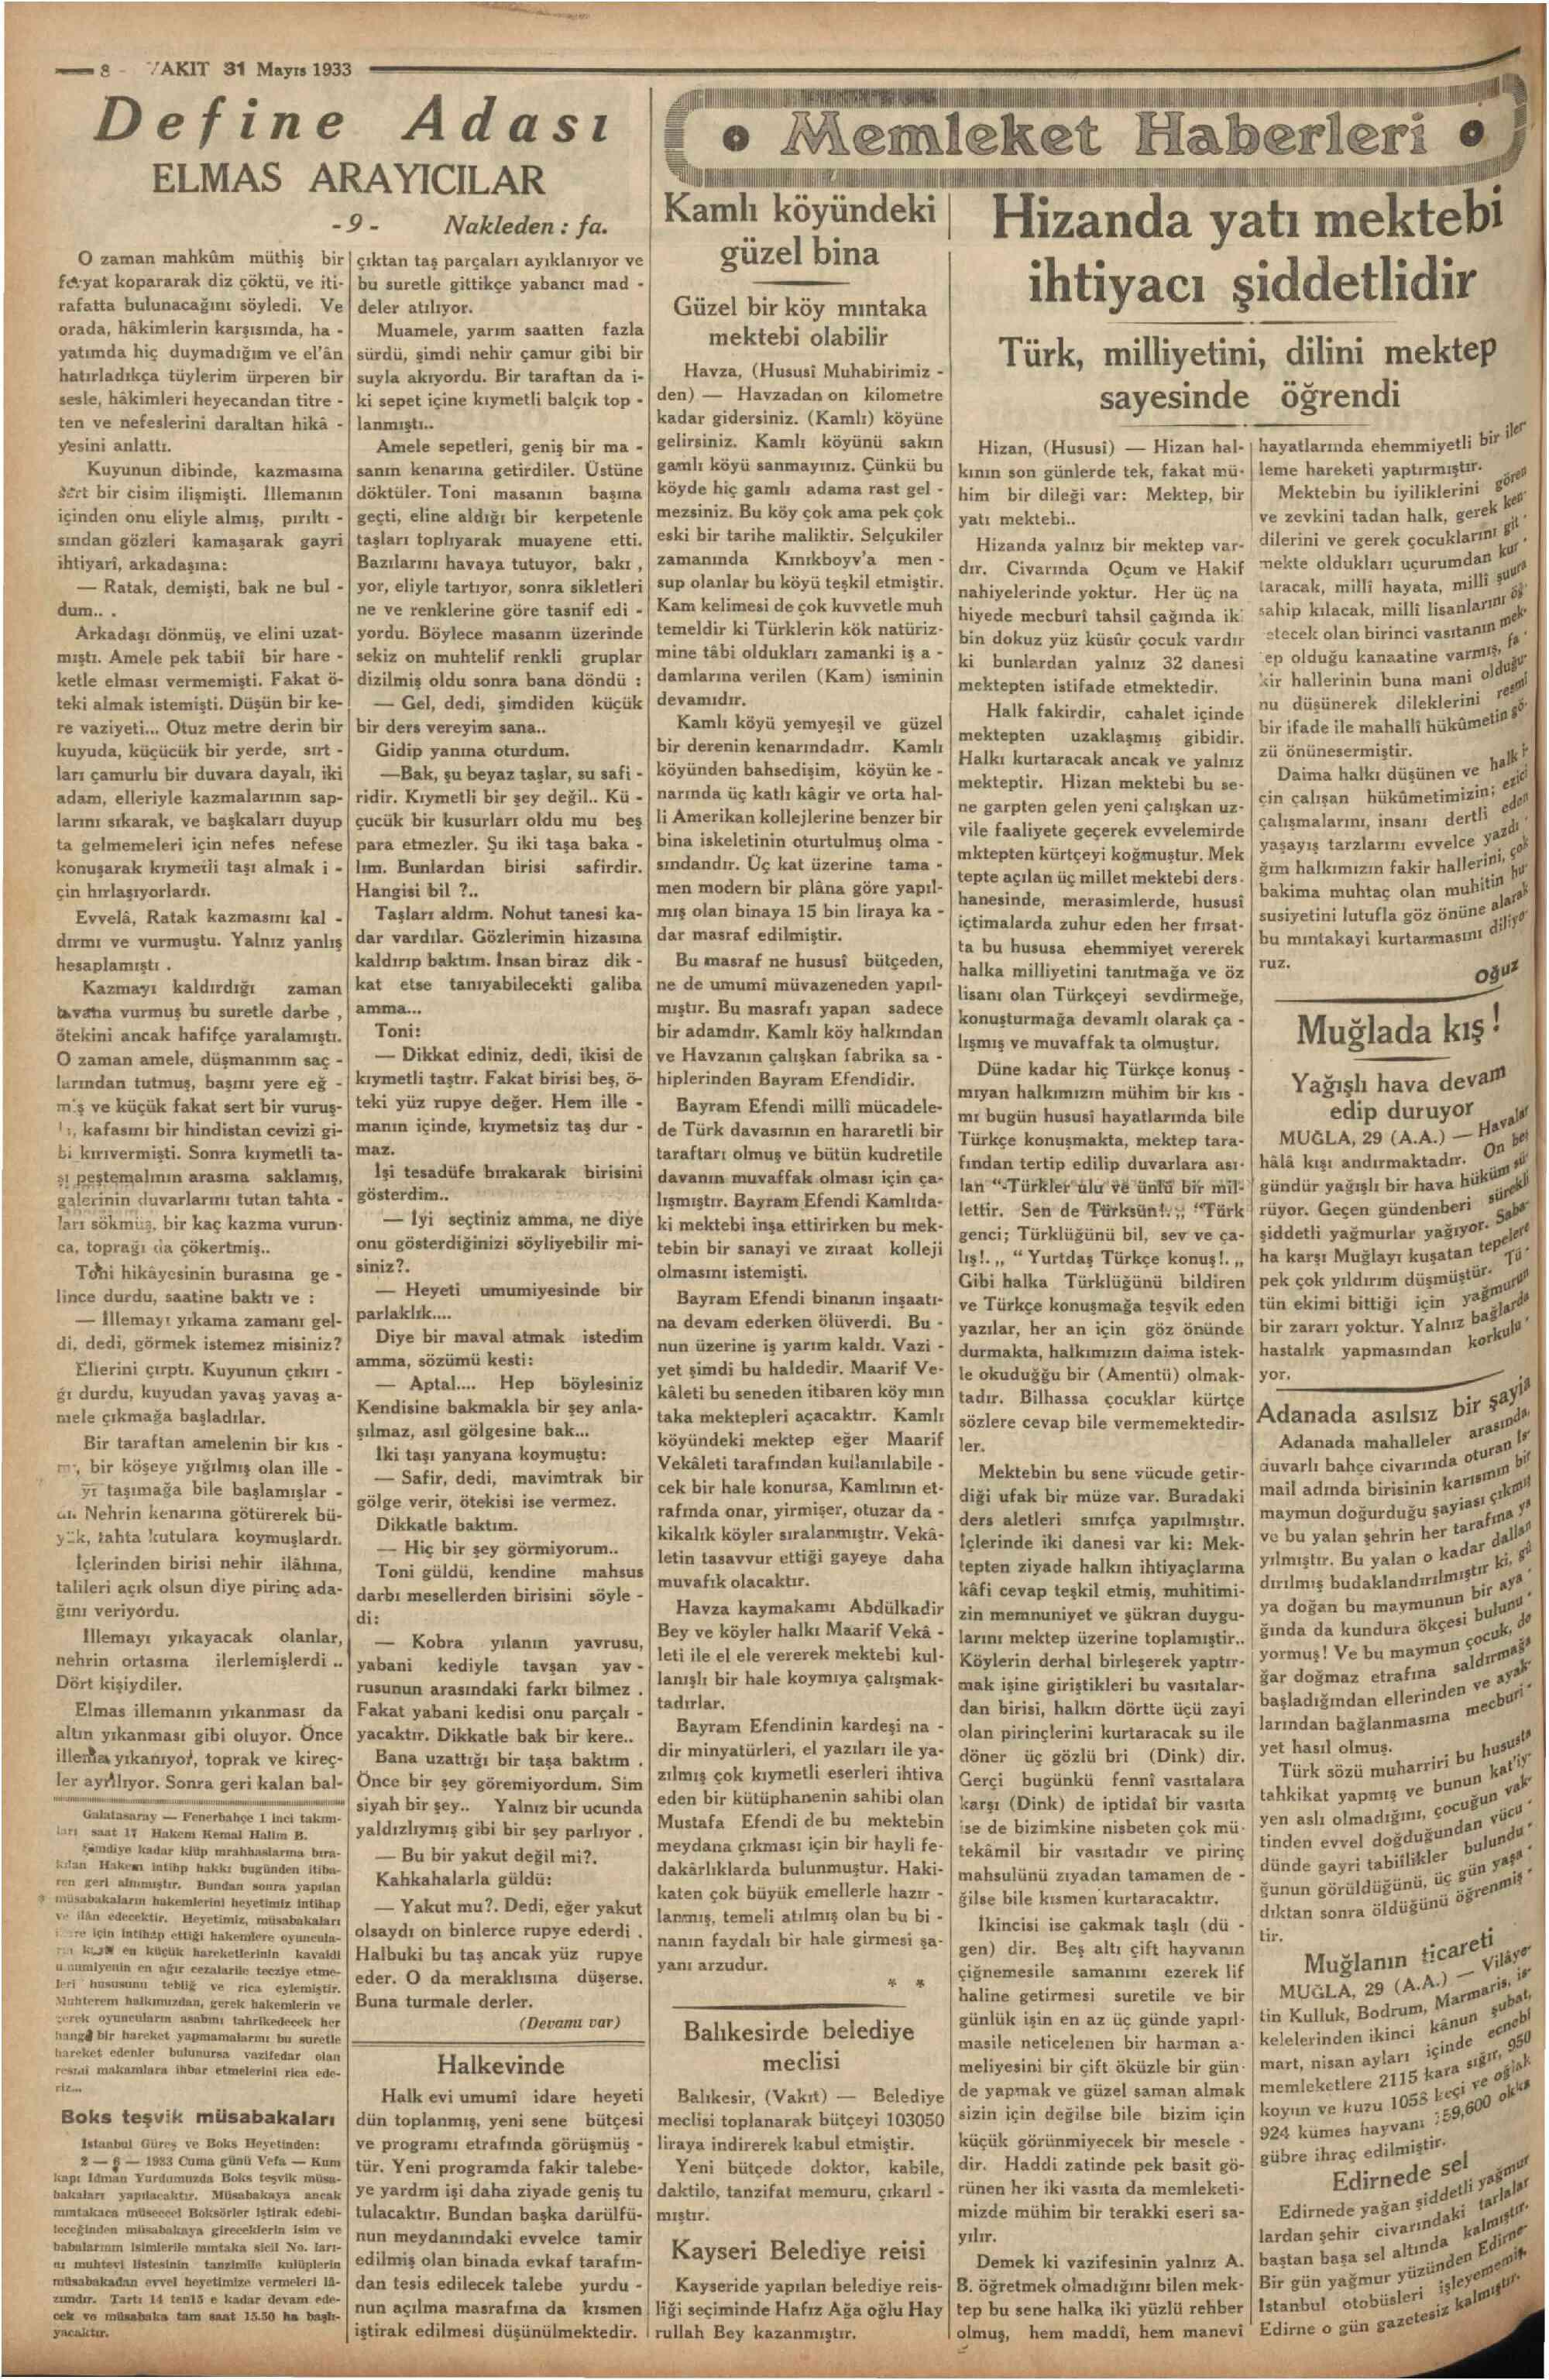 31 Mayıs 1933 Tarihli Vakit Dergisi Sayfa 8